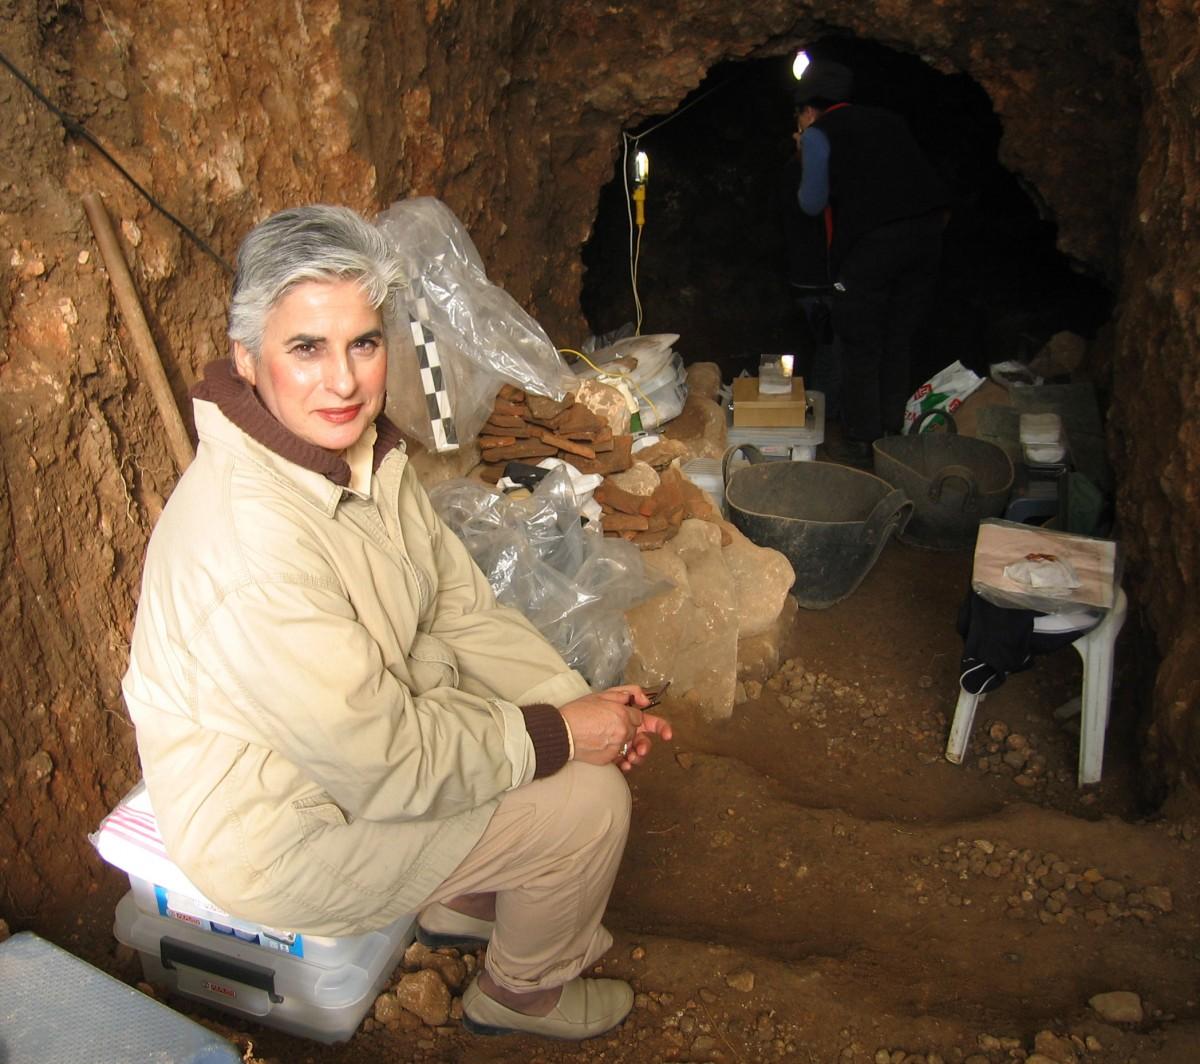 Εικ. 12. Η Μαρίνα Λυκιαρδοπούλου–Πέτρου στην ανασκαφή θαλαμωτού, λαξευτού τάφου στη Σπηλιά Εορδαίας, 2005.